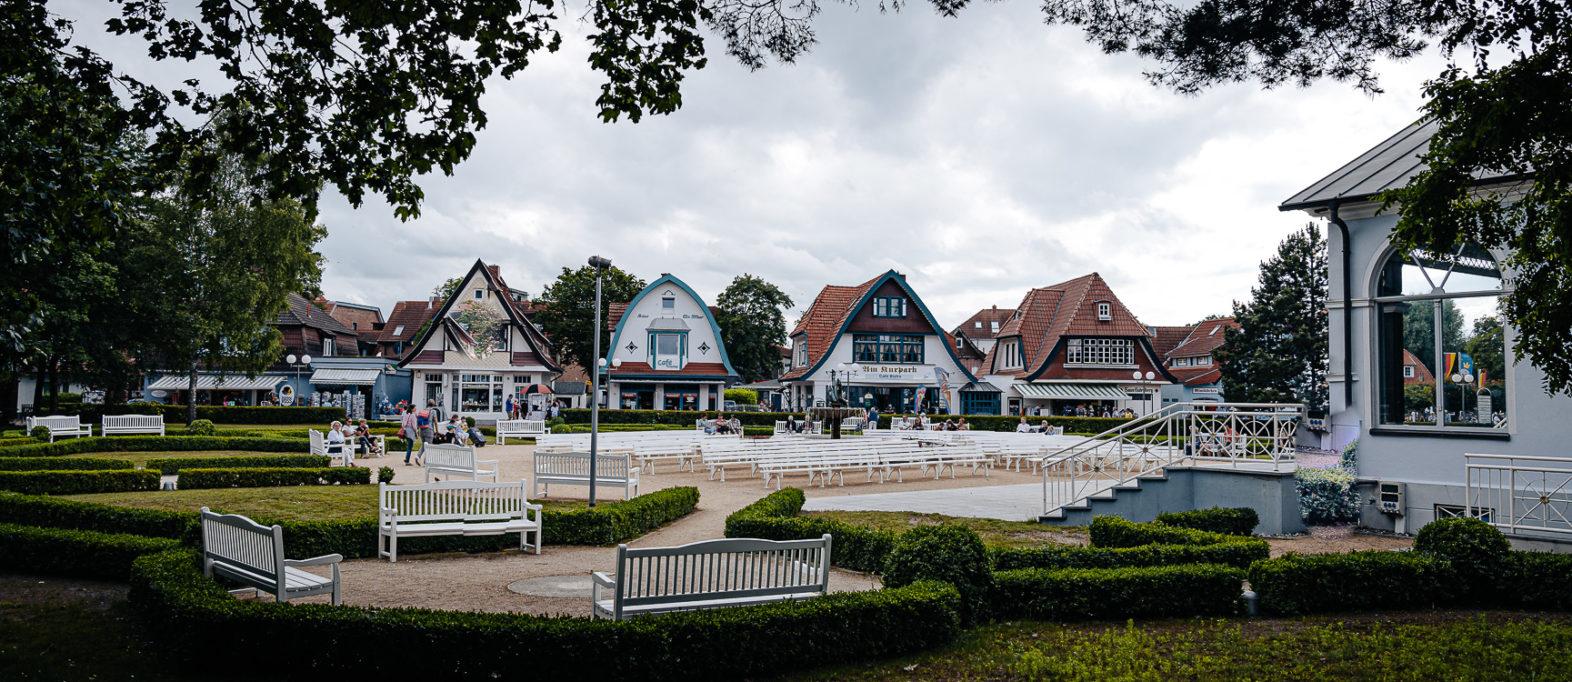 Otseeküste Boltenhagen Promenade